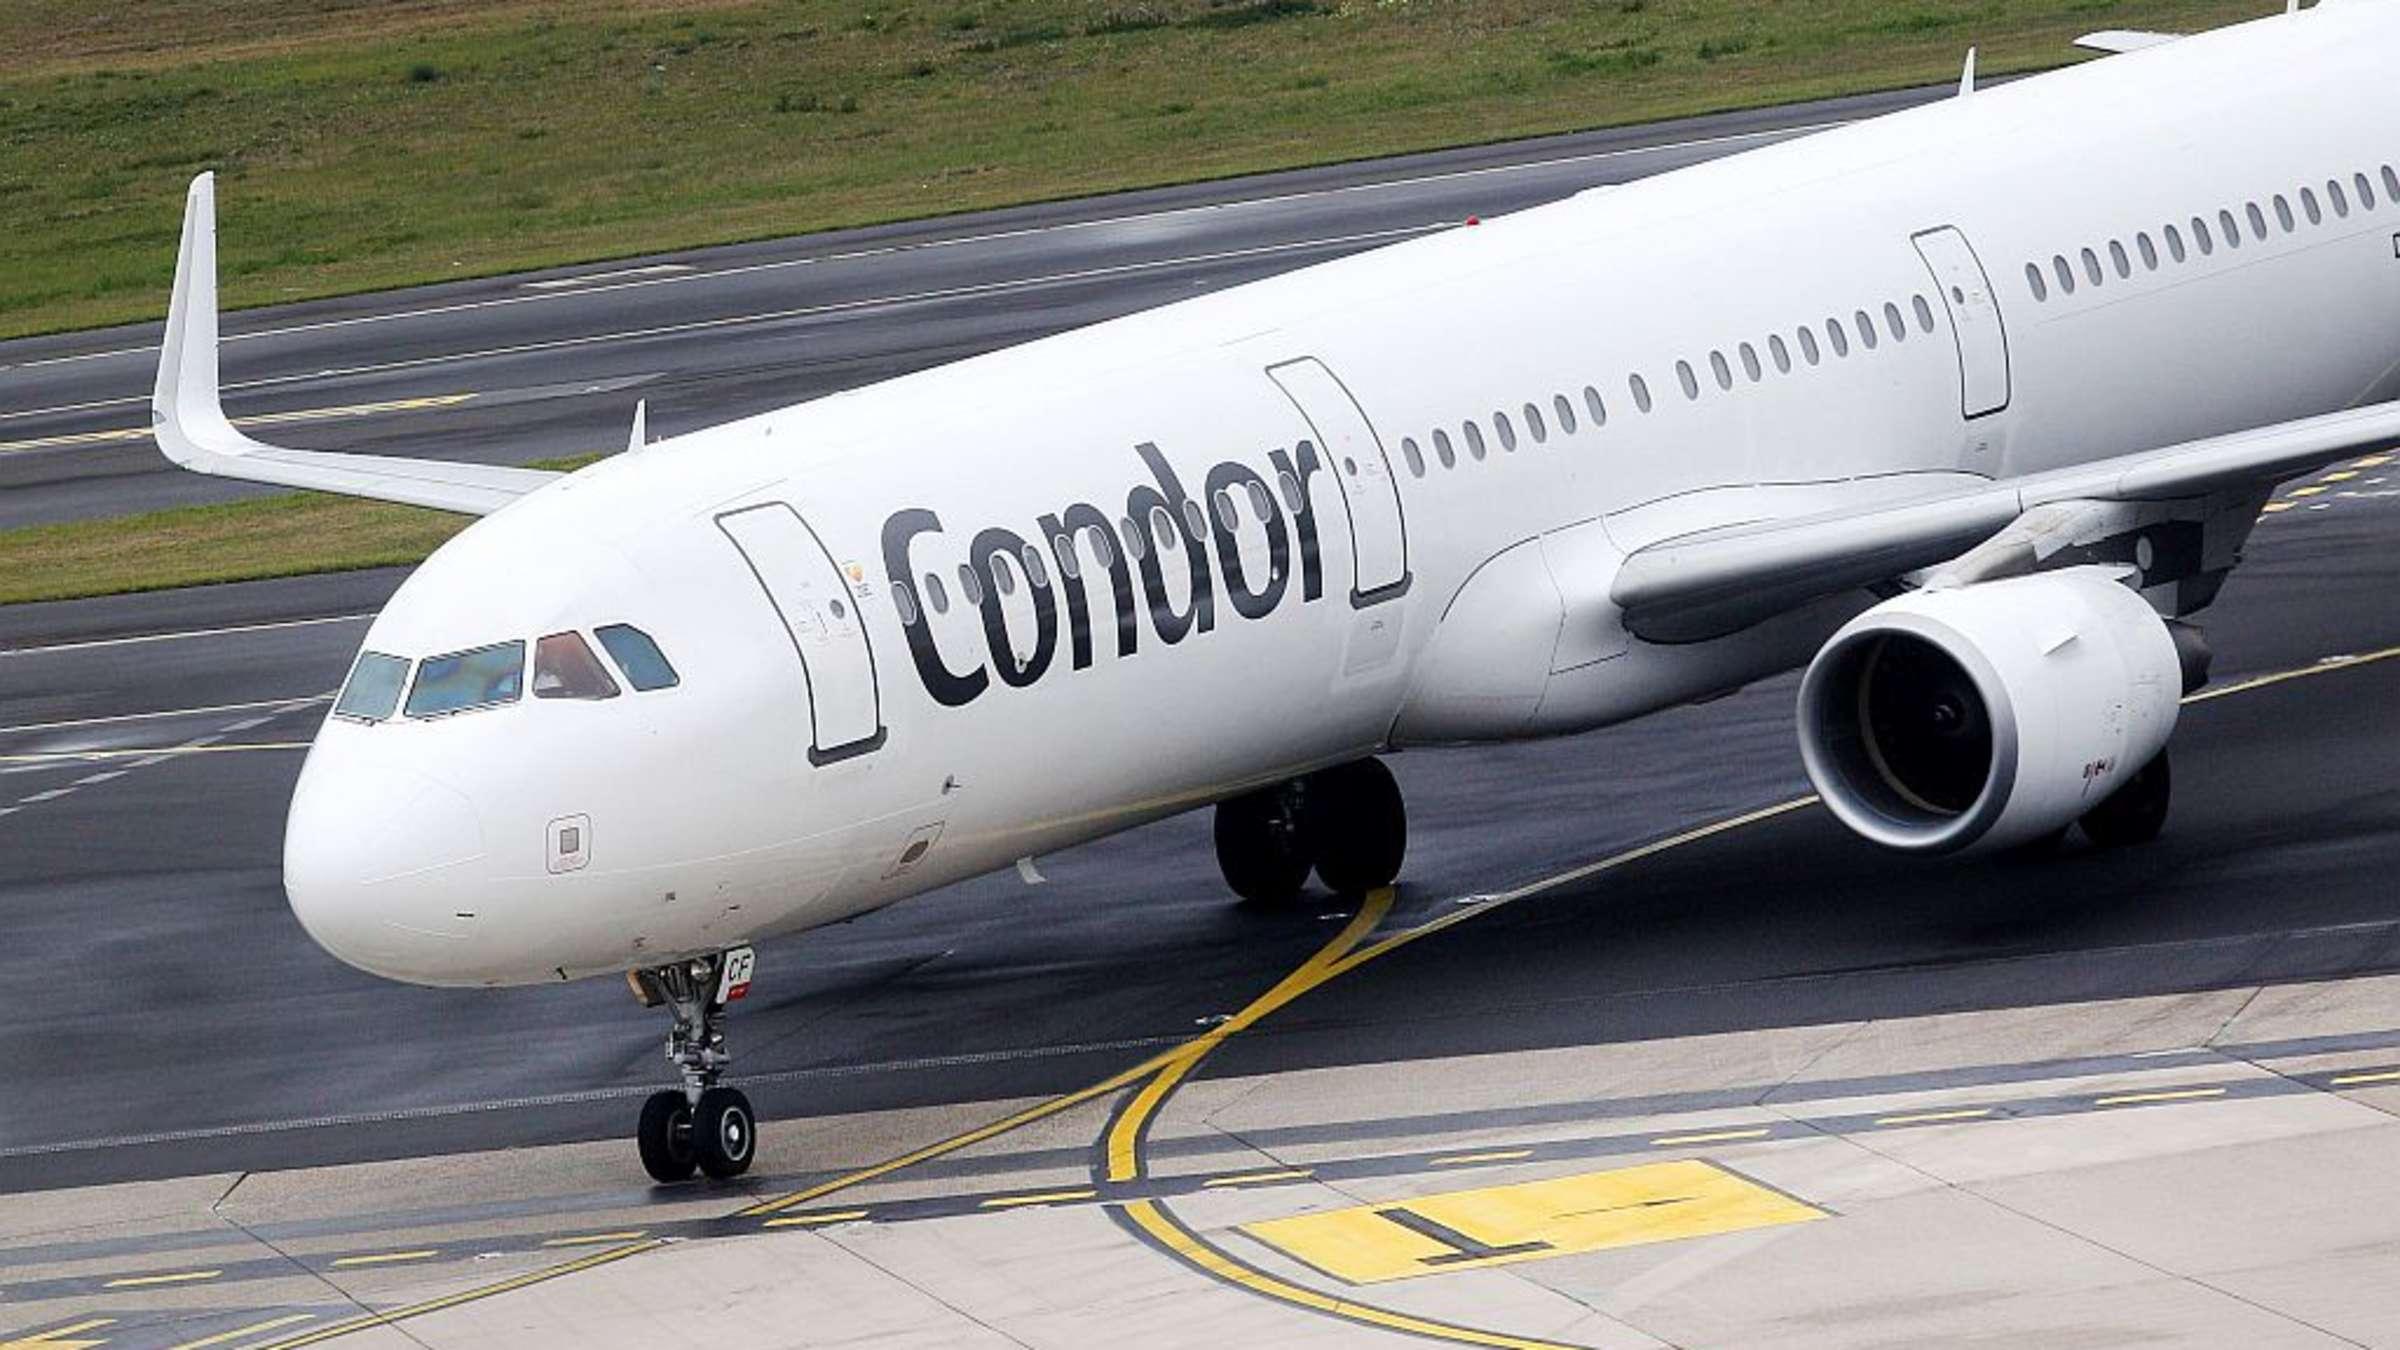 condor flug stornieren geld zurück